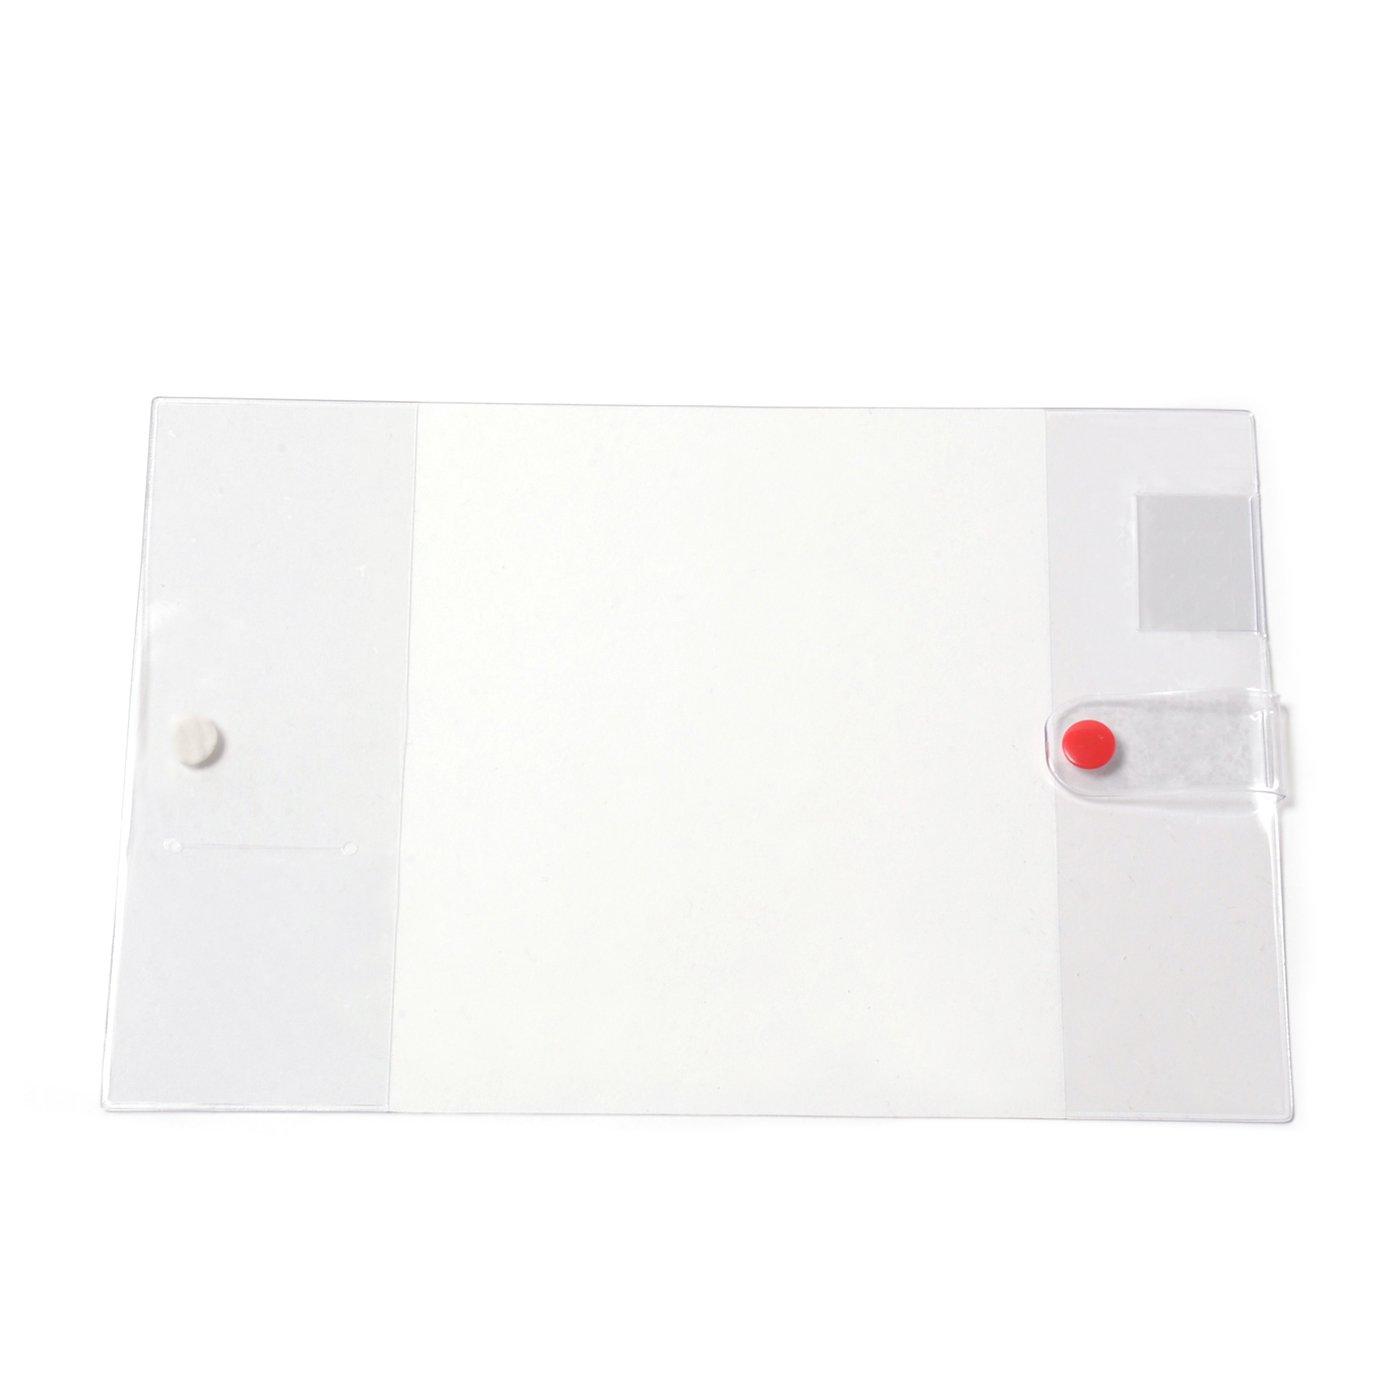 フェリシモ【定期便】新規購入キャンペーン アフィリエイトプログラムフェリシモ SF STUDIO 赤いボタンの透明カバー【送料:450円+税】